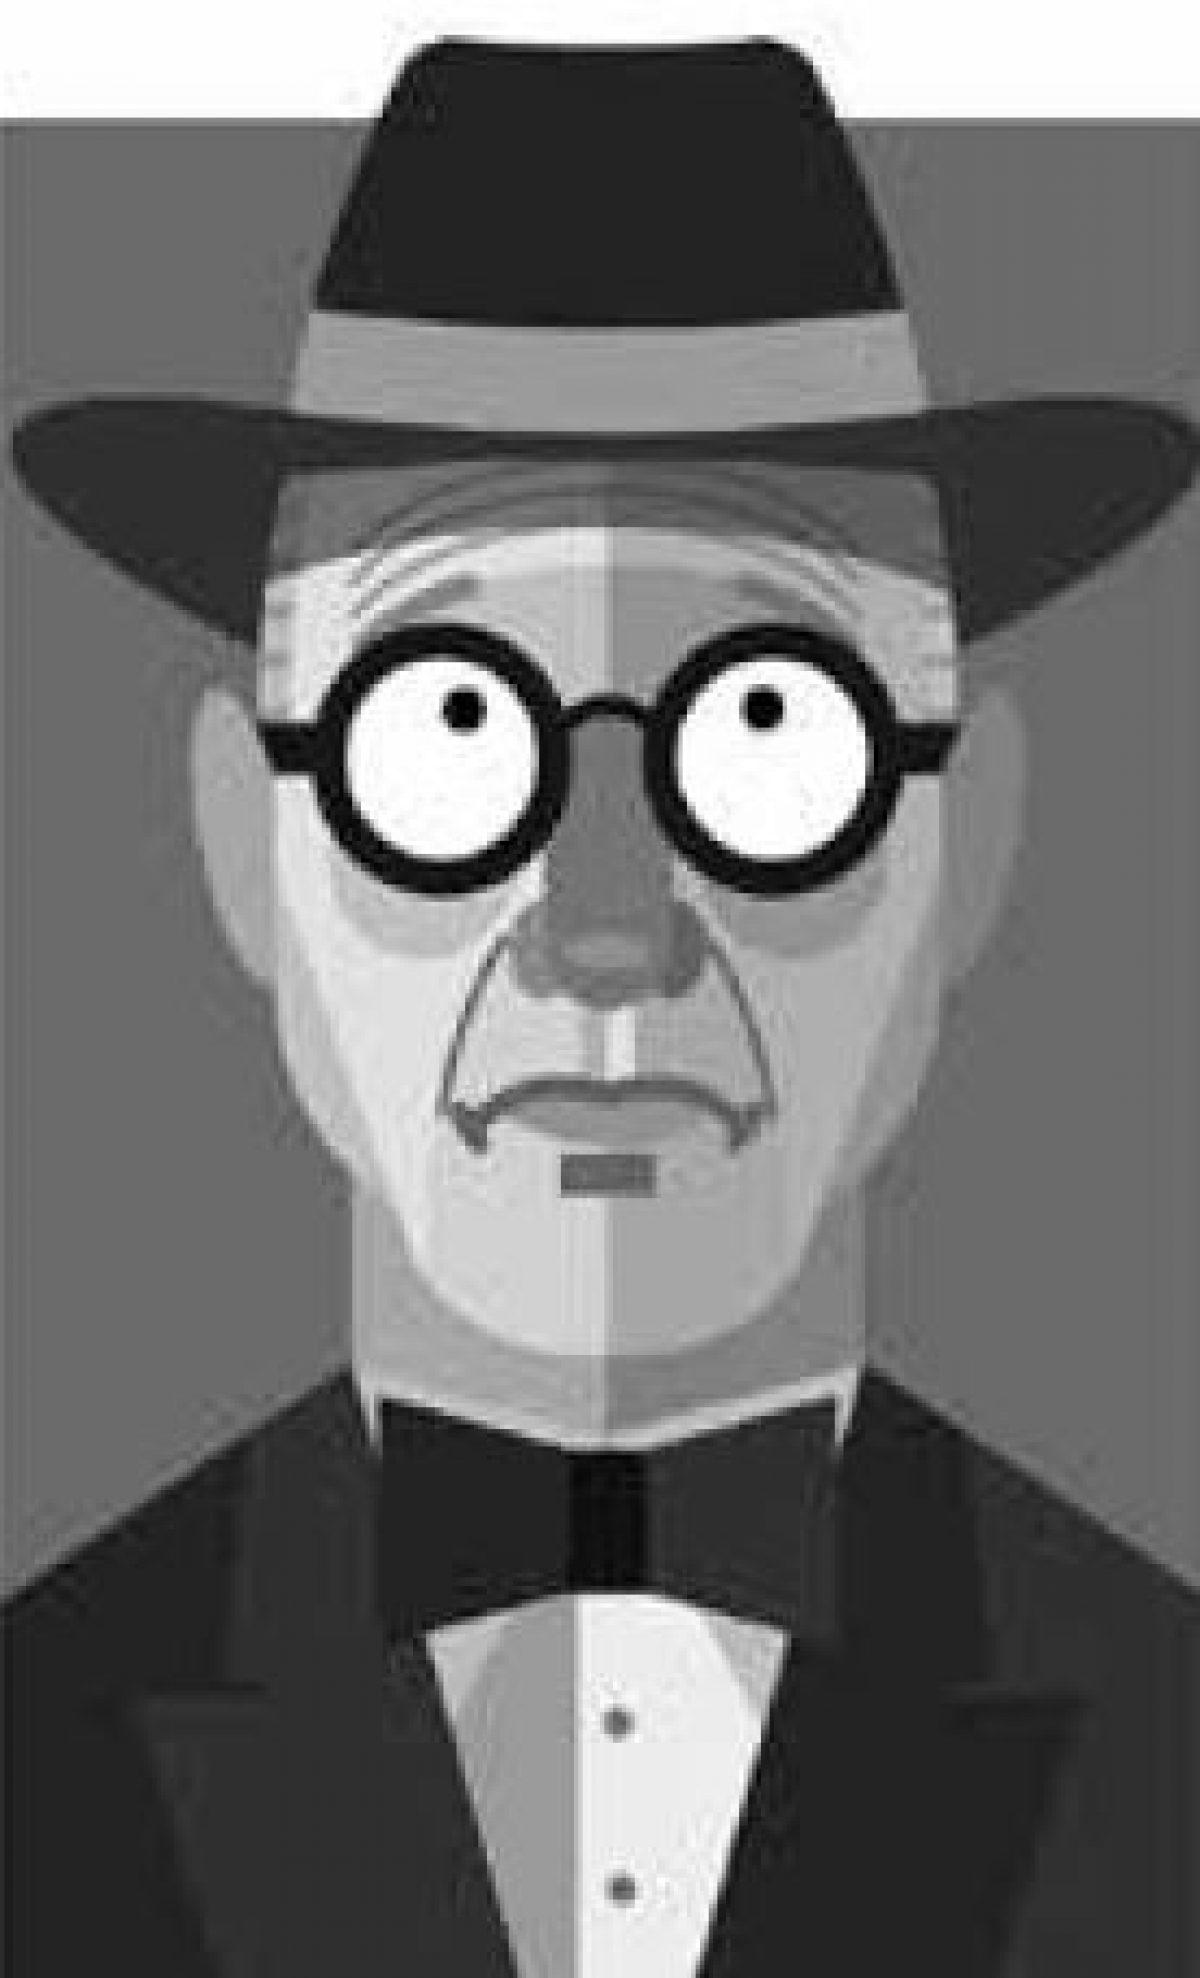 Αναφορά στον Ελ/ Le Corbusier . Δέσμη εκδηλώσεων για τα 50 χρόνια από το θάνατο του Le Corbusier | «αρχιτέκτονες»